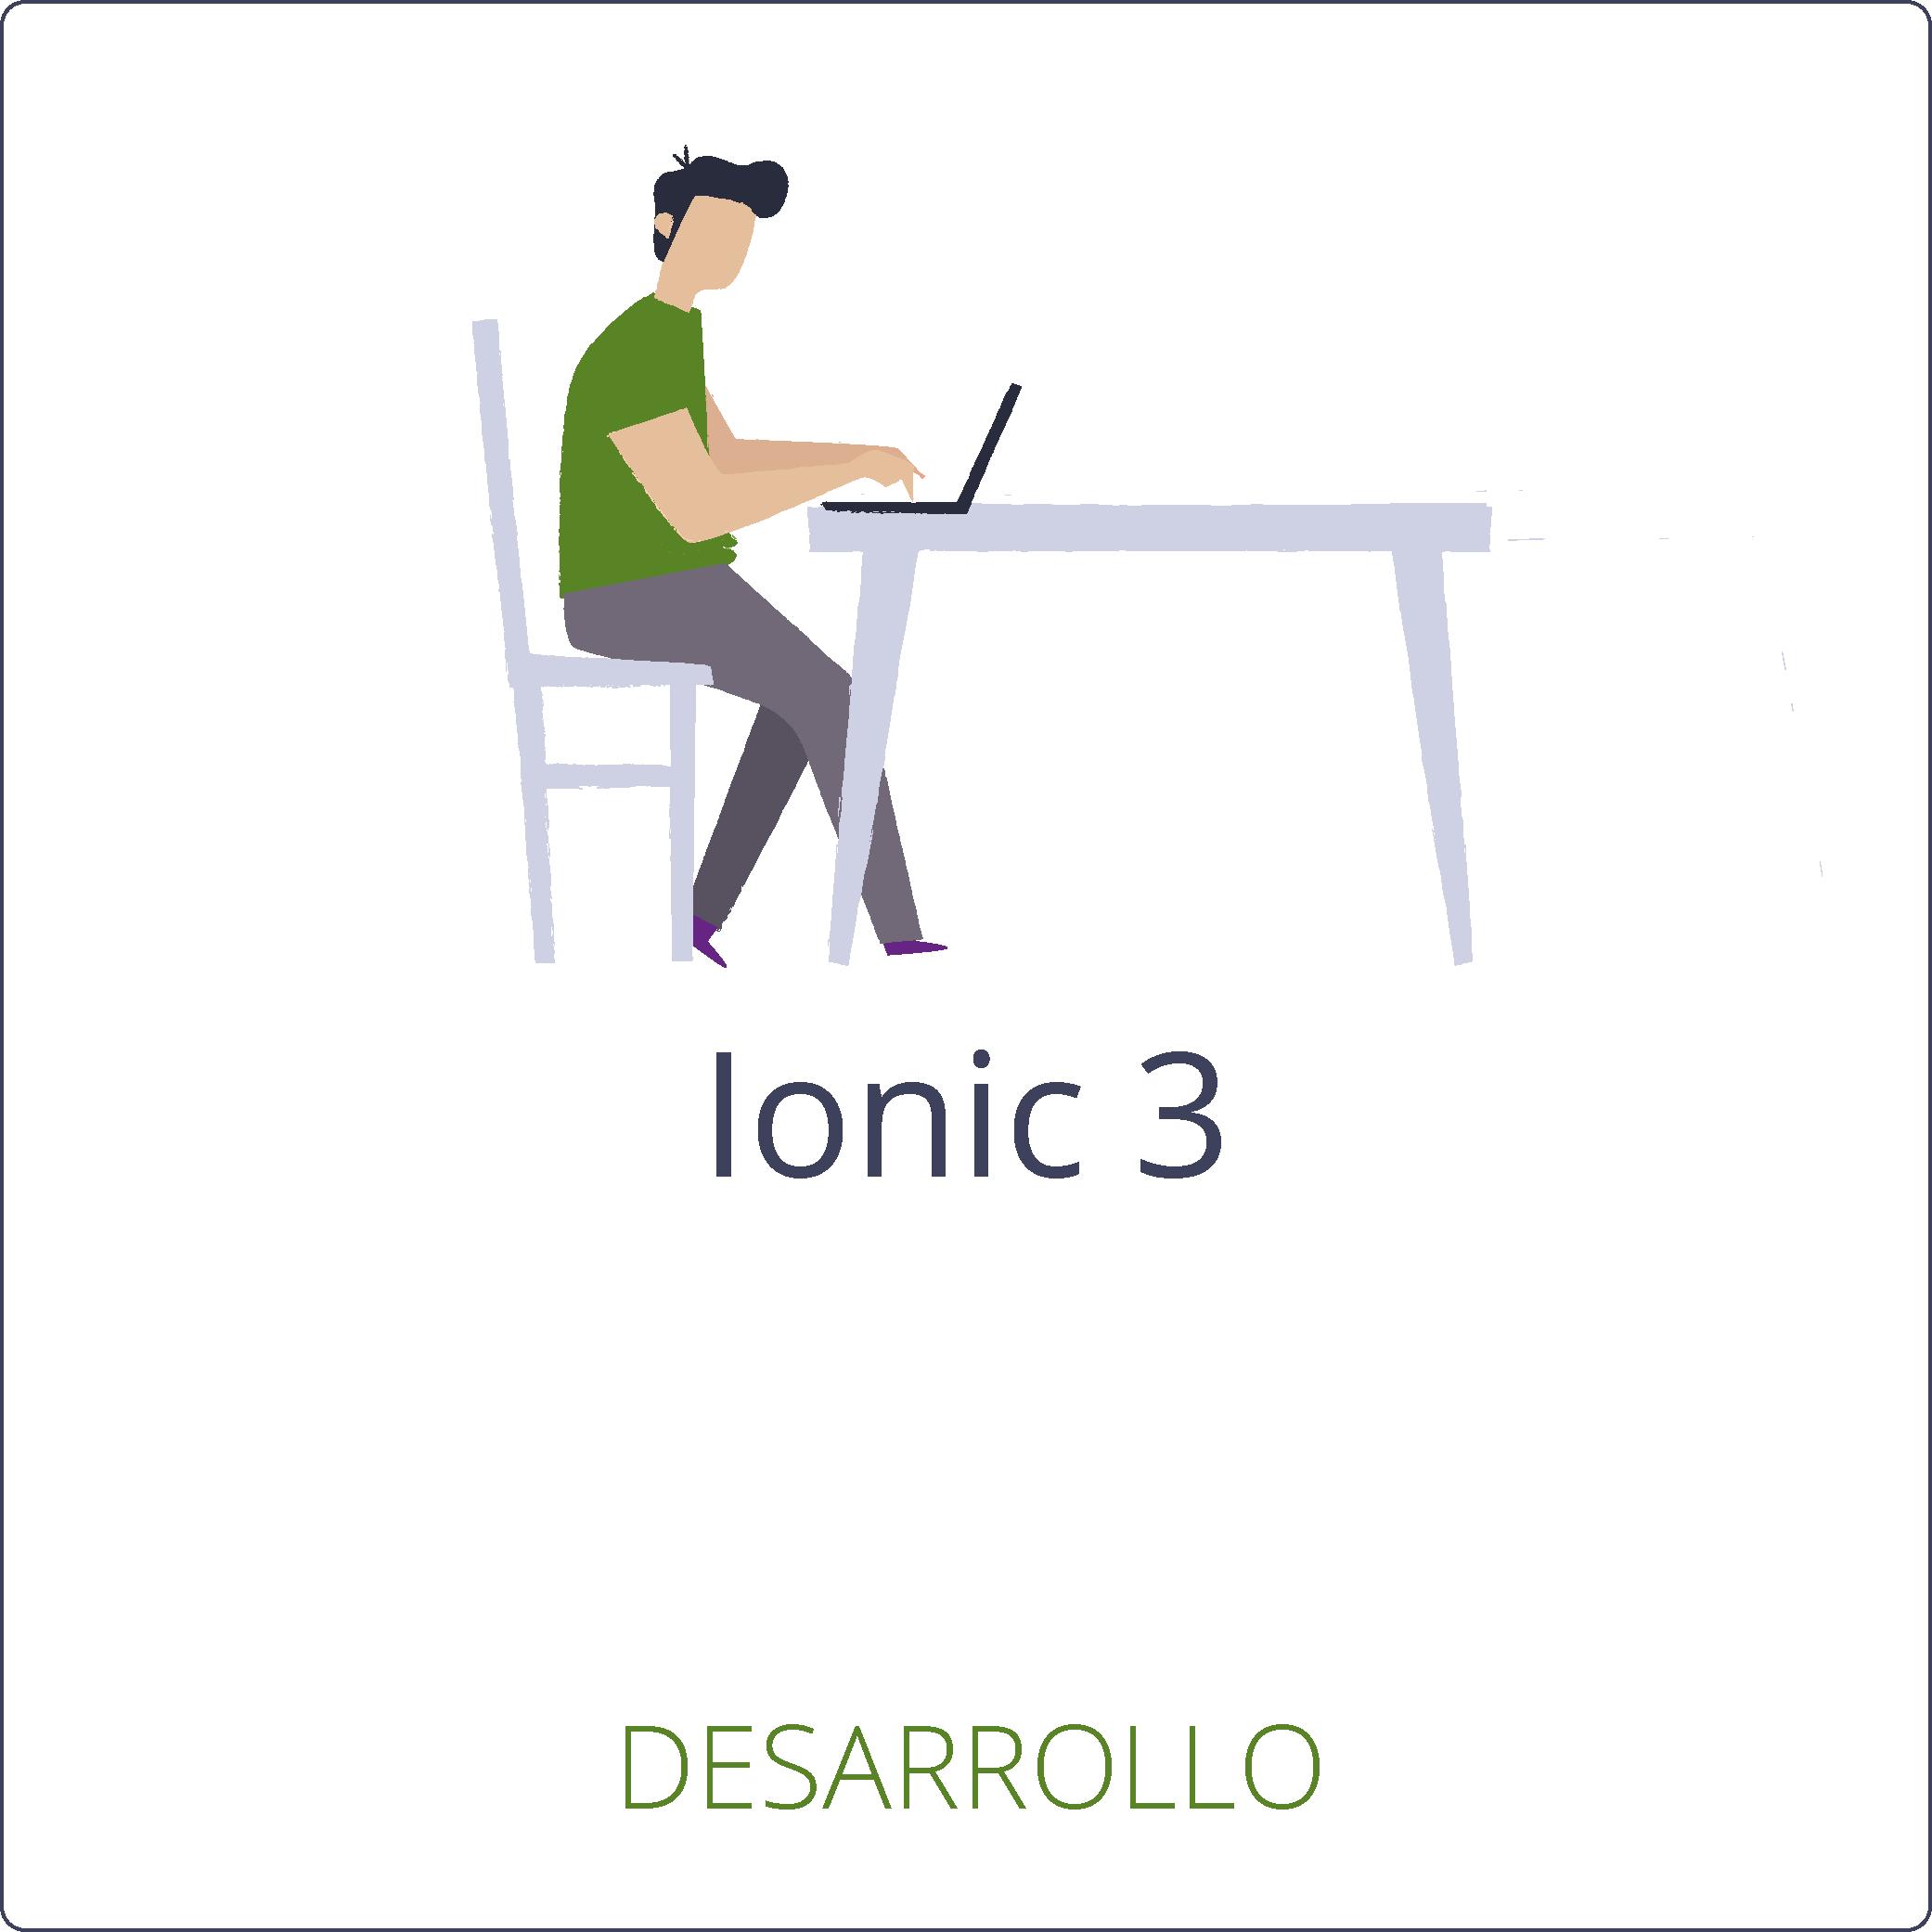 Programación con IONIC: Creación de apps con HTML5